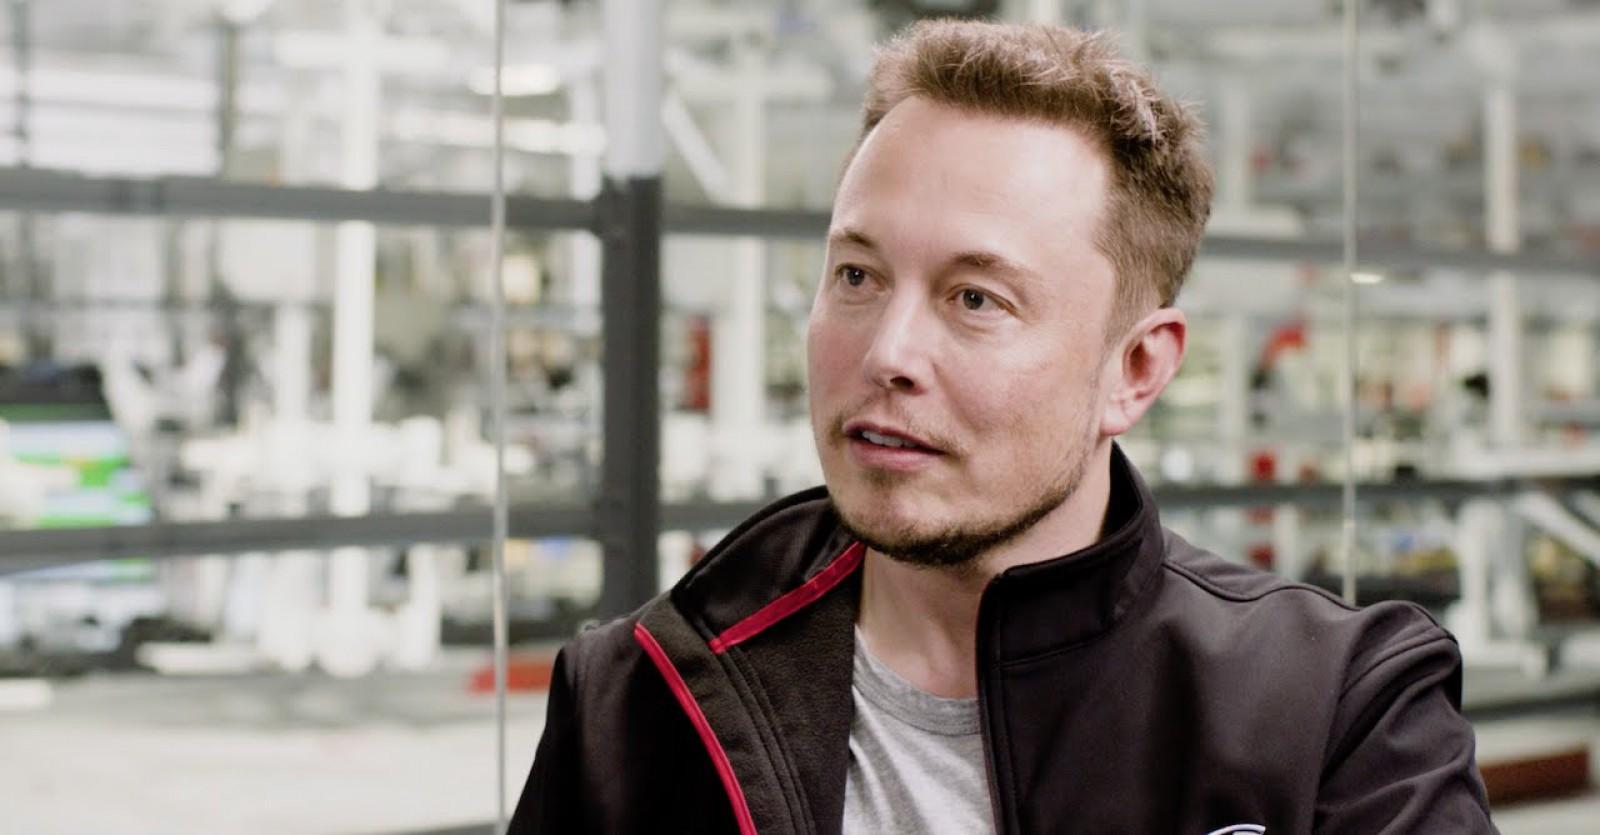 Elon Musk promite că va implementa până în august funcționalitățile de conducere autonomă pentru mașinile Tesla